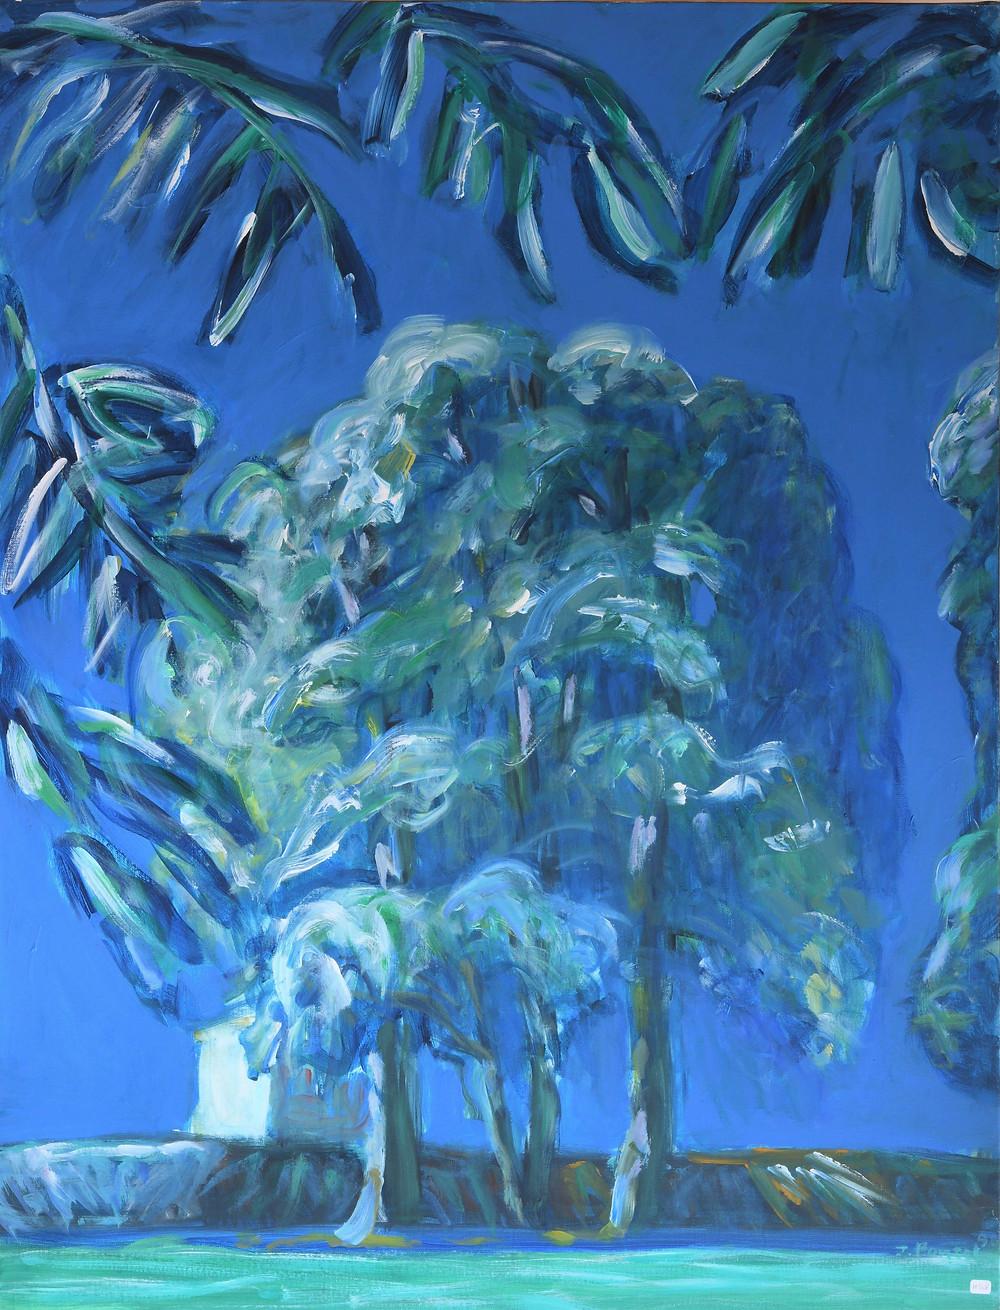 Jacques PONCET (1921-2012). Arbres et maison (série Les Jardins). Acrylique sur toile. 116x90 cm